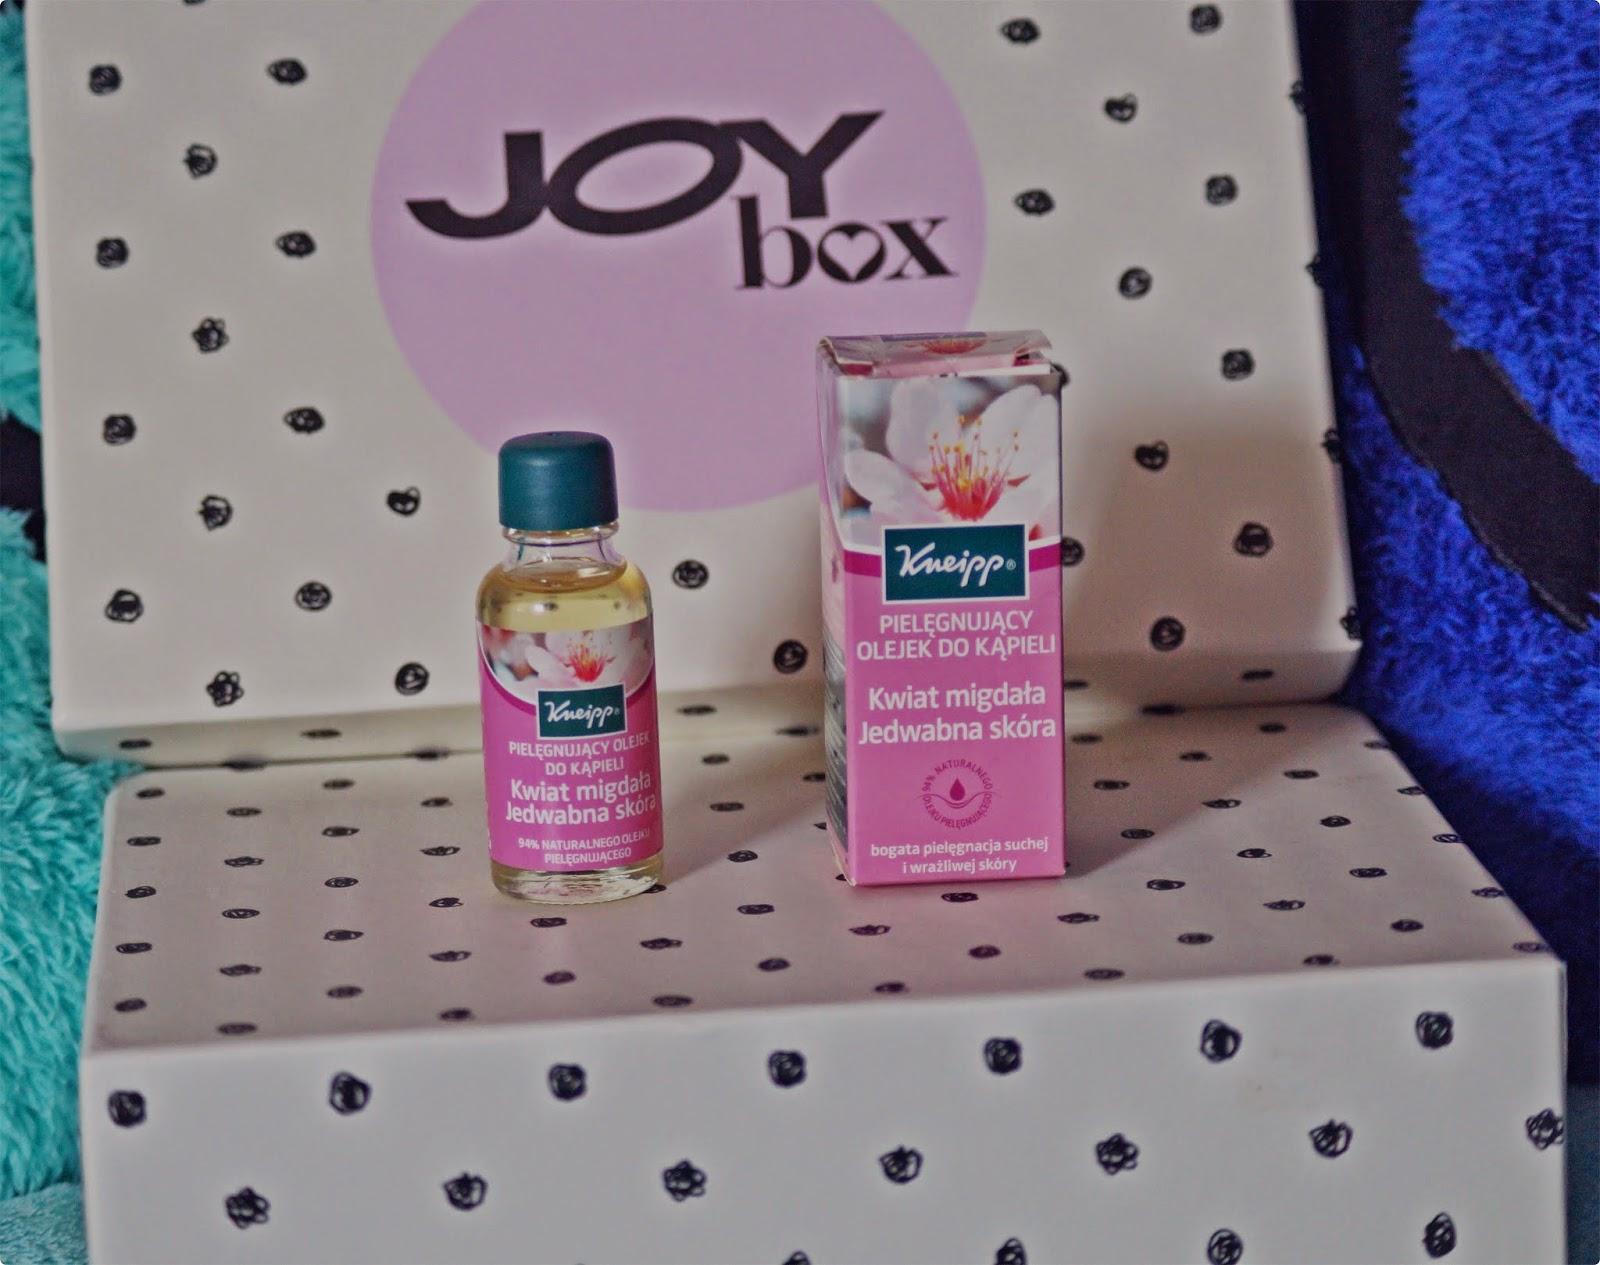 joybox